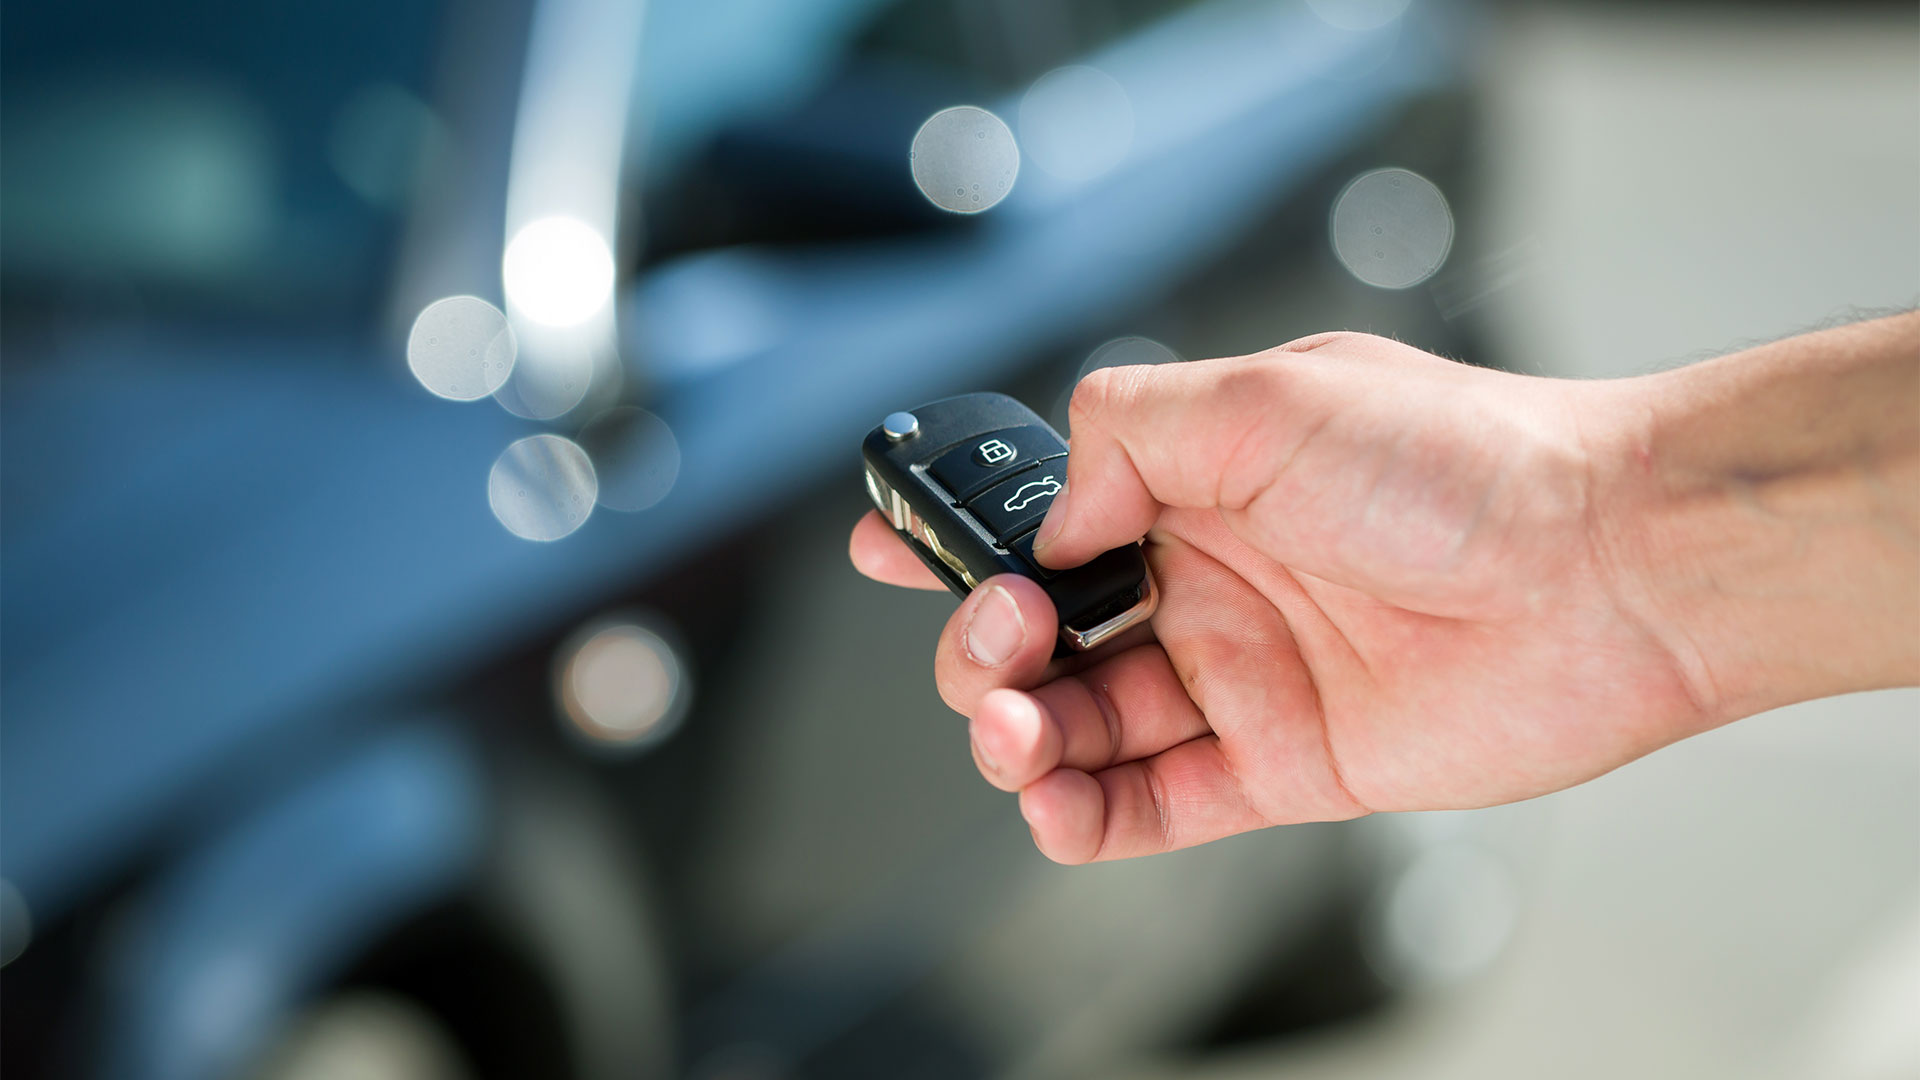 Remote Control Car Keys